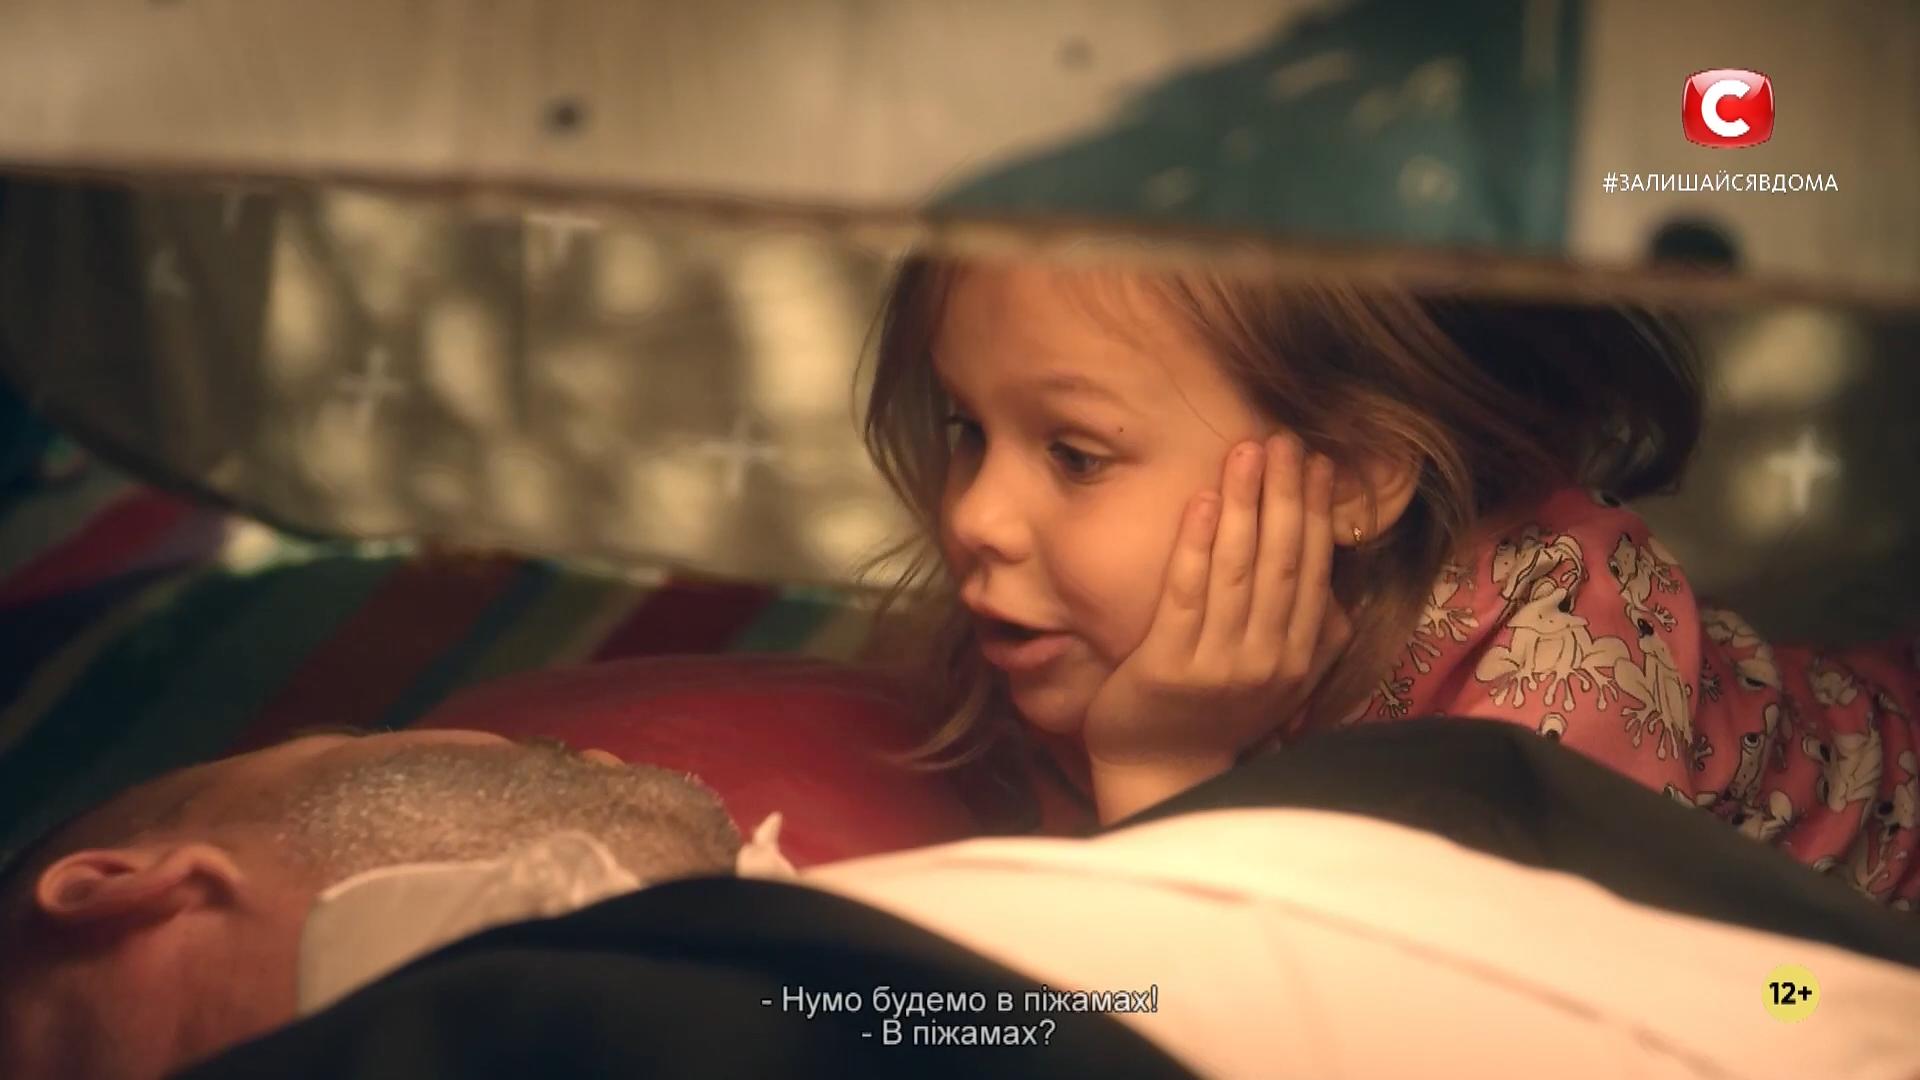 Dokumentalnyj specproekt Sovsem styd poteryali.mkv_snapshot_18.43.000 — копия.png